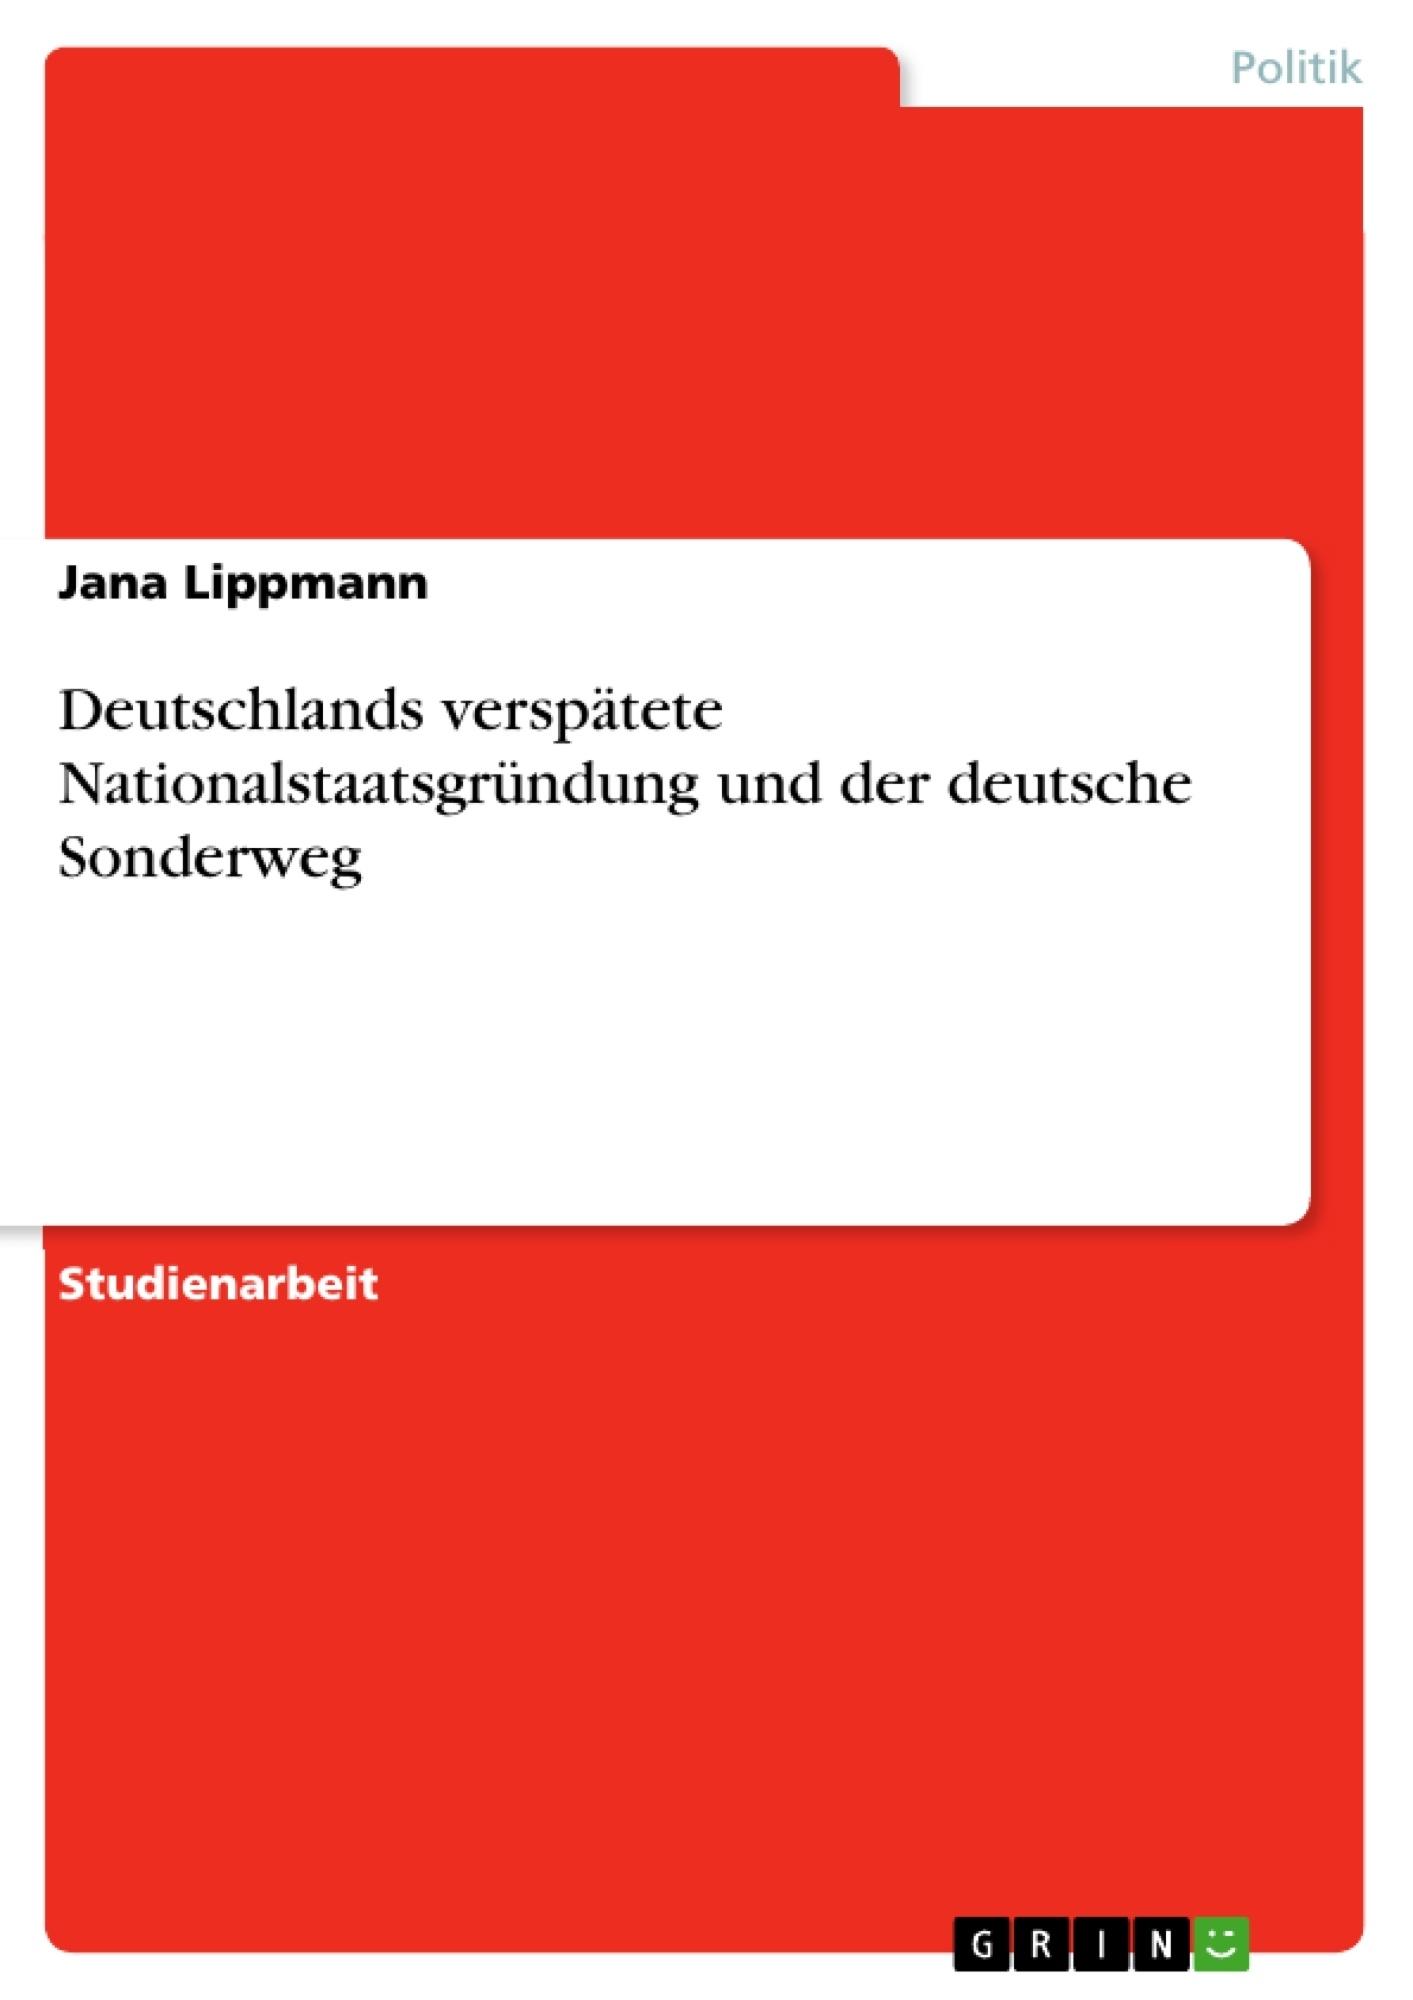 Titel: Deutschlands verspätete Nationalstaatsgründung und der deutsche Sonderweg